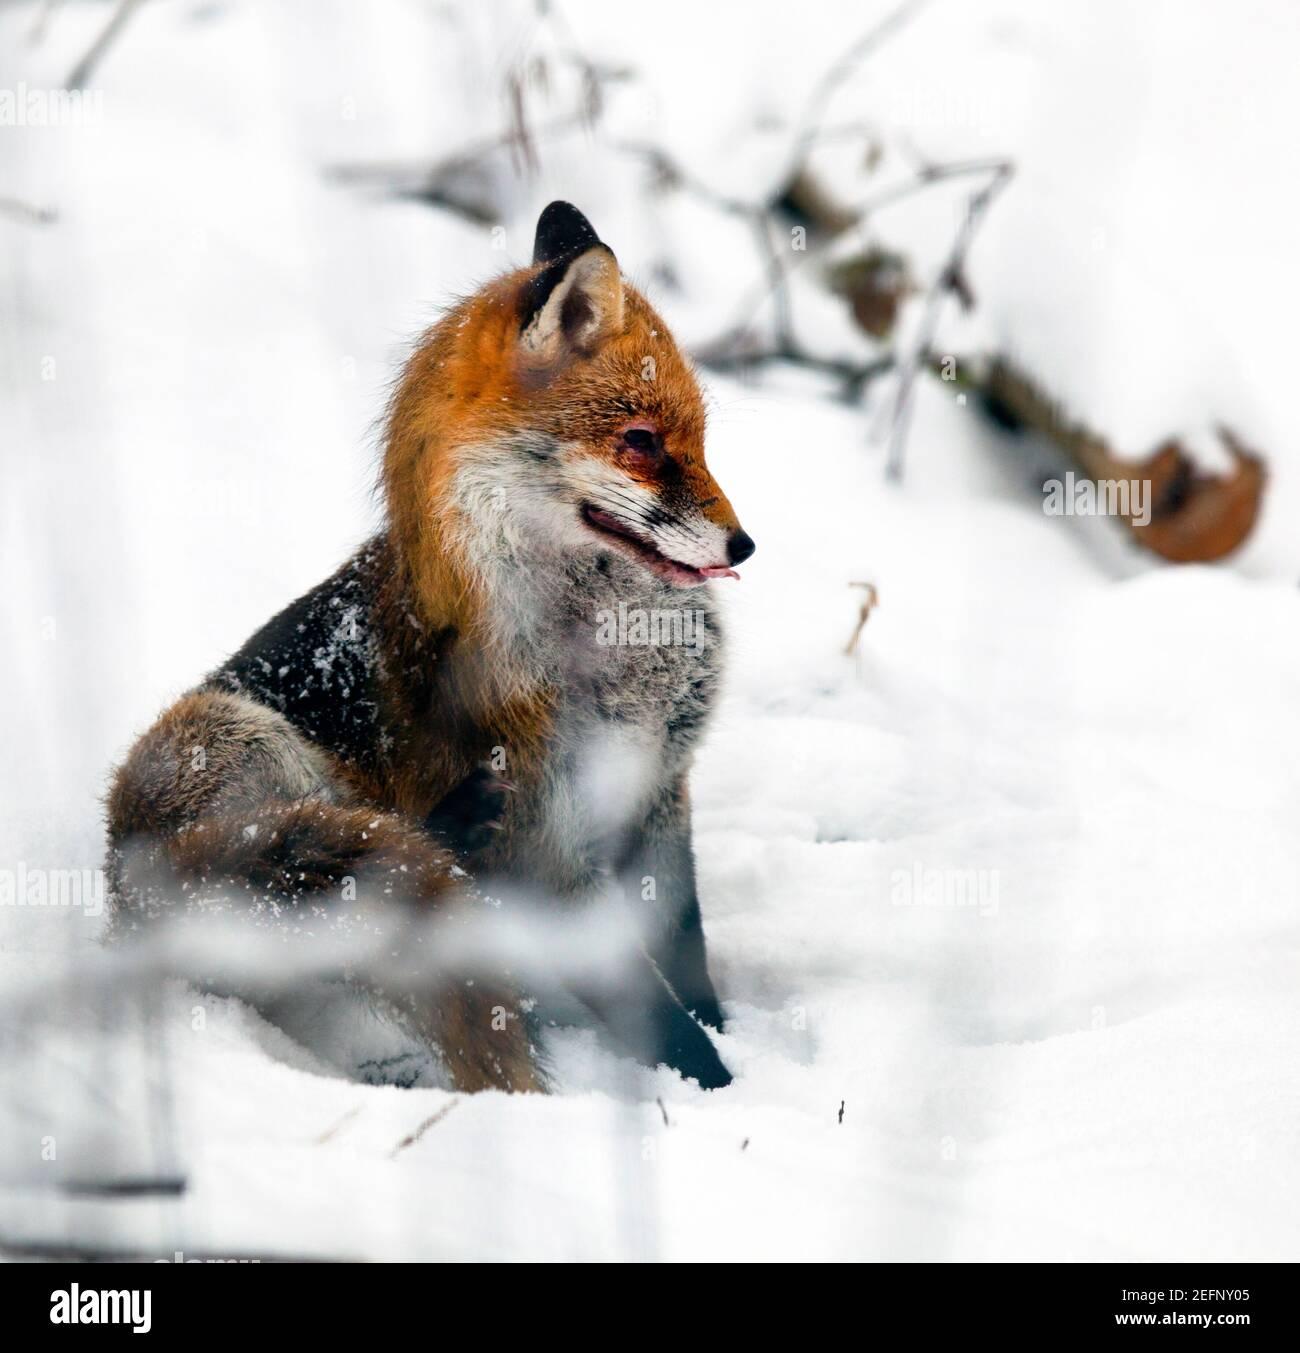 Una volpe ( Vulpes vulpes ) seduta nella campagna innevata a Kent, Regno Unito, durante l'inverno . Gennaio 2021 Foto Stock